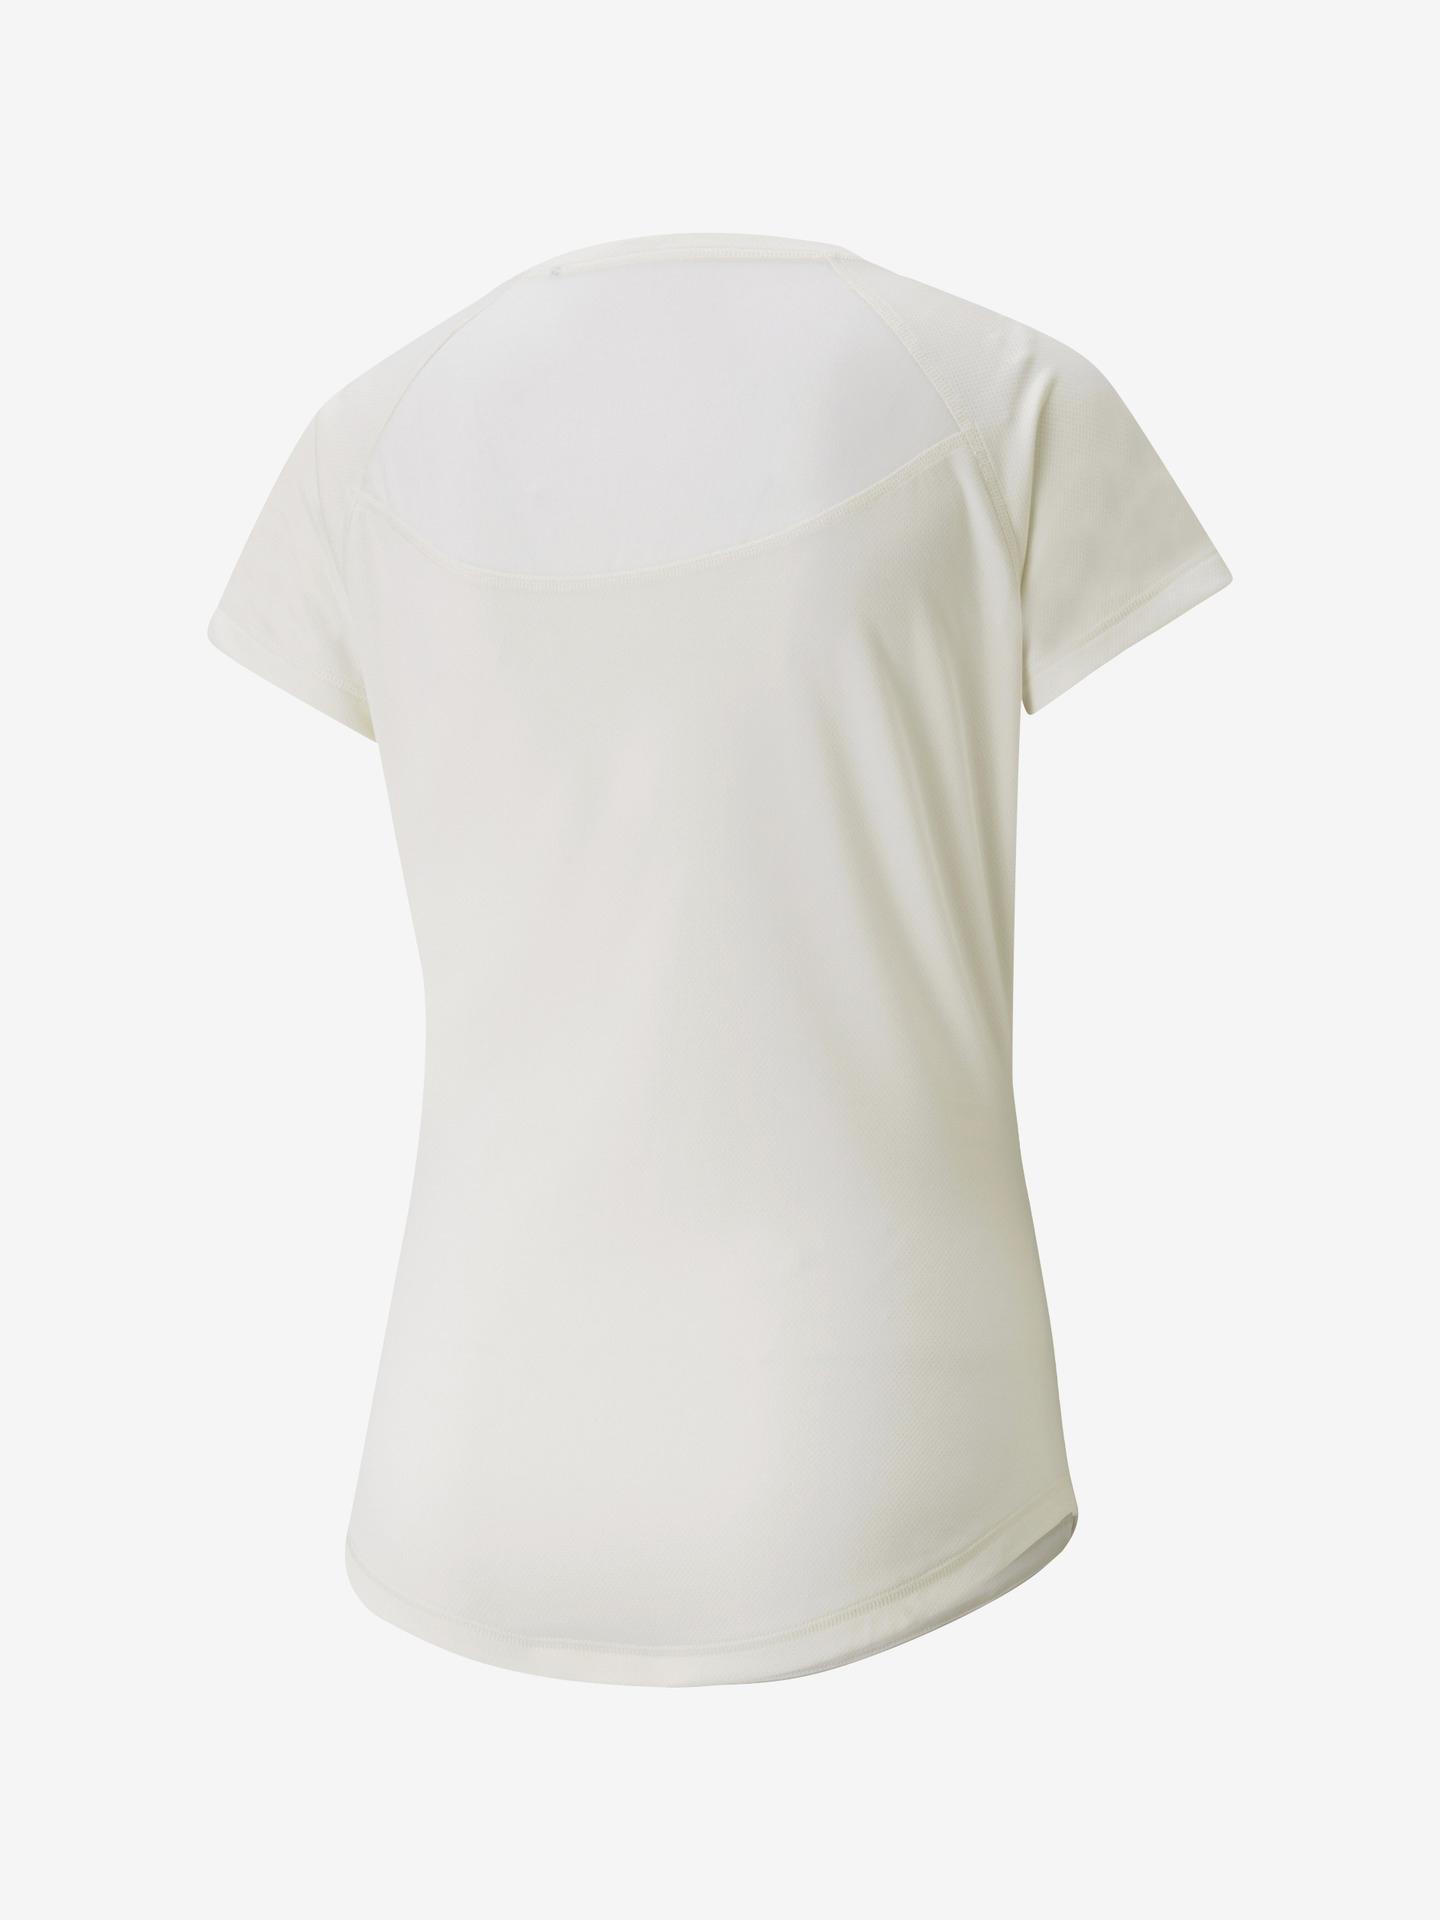 Puma Koszulka damska biały  First